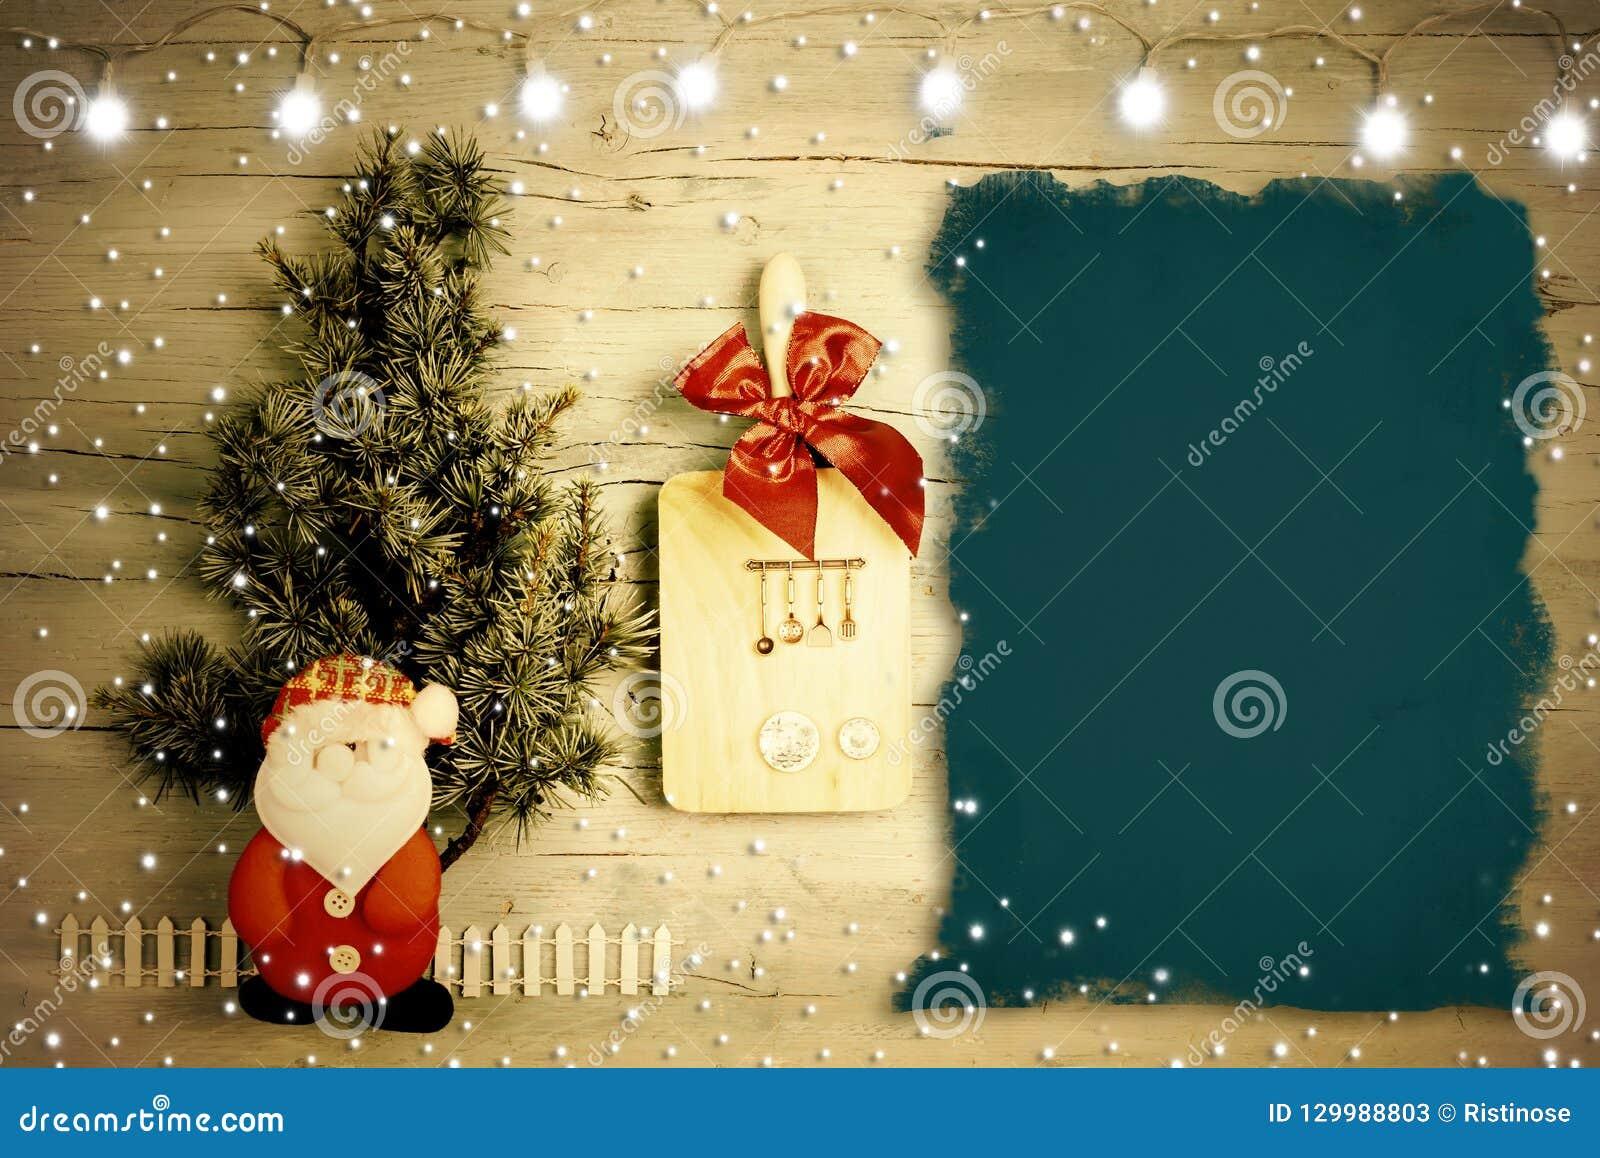 Carte De Menu Pour Noel.Carte De Fond D Amusement Pour Le Menu Ou Les Recettes De